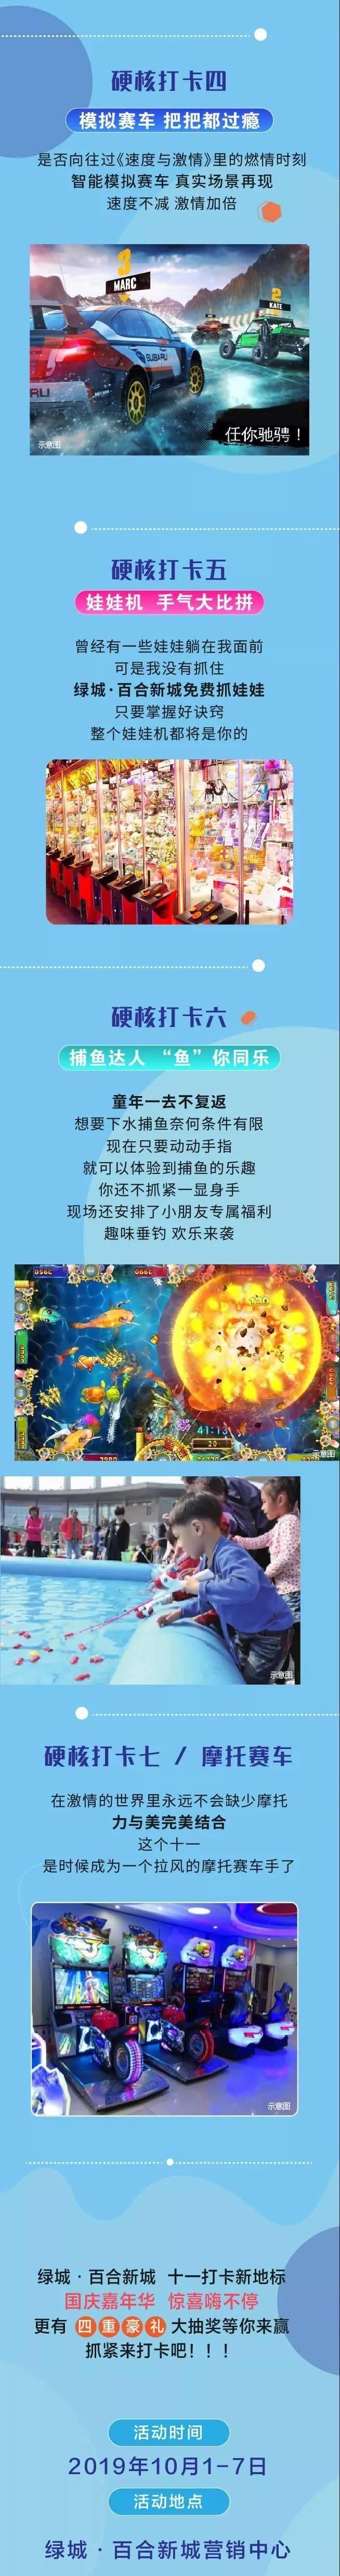 网红巨型鲸鱼岛空降齐河 十一【最强】打卡攻略献上~